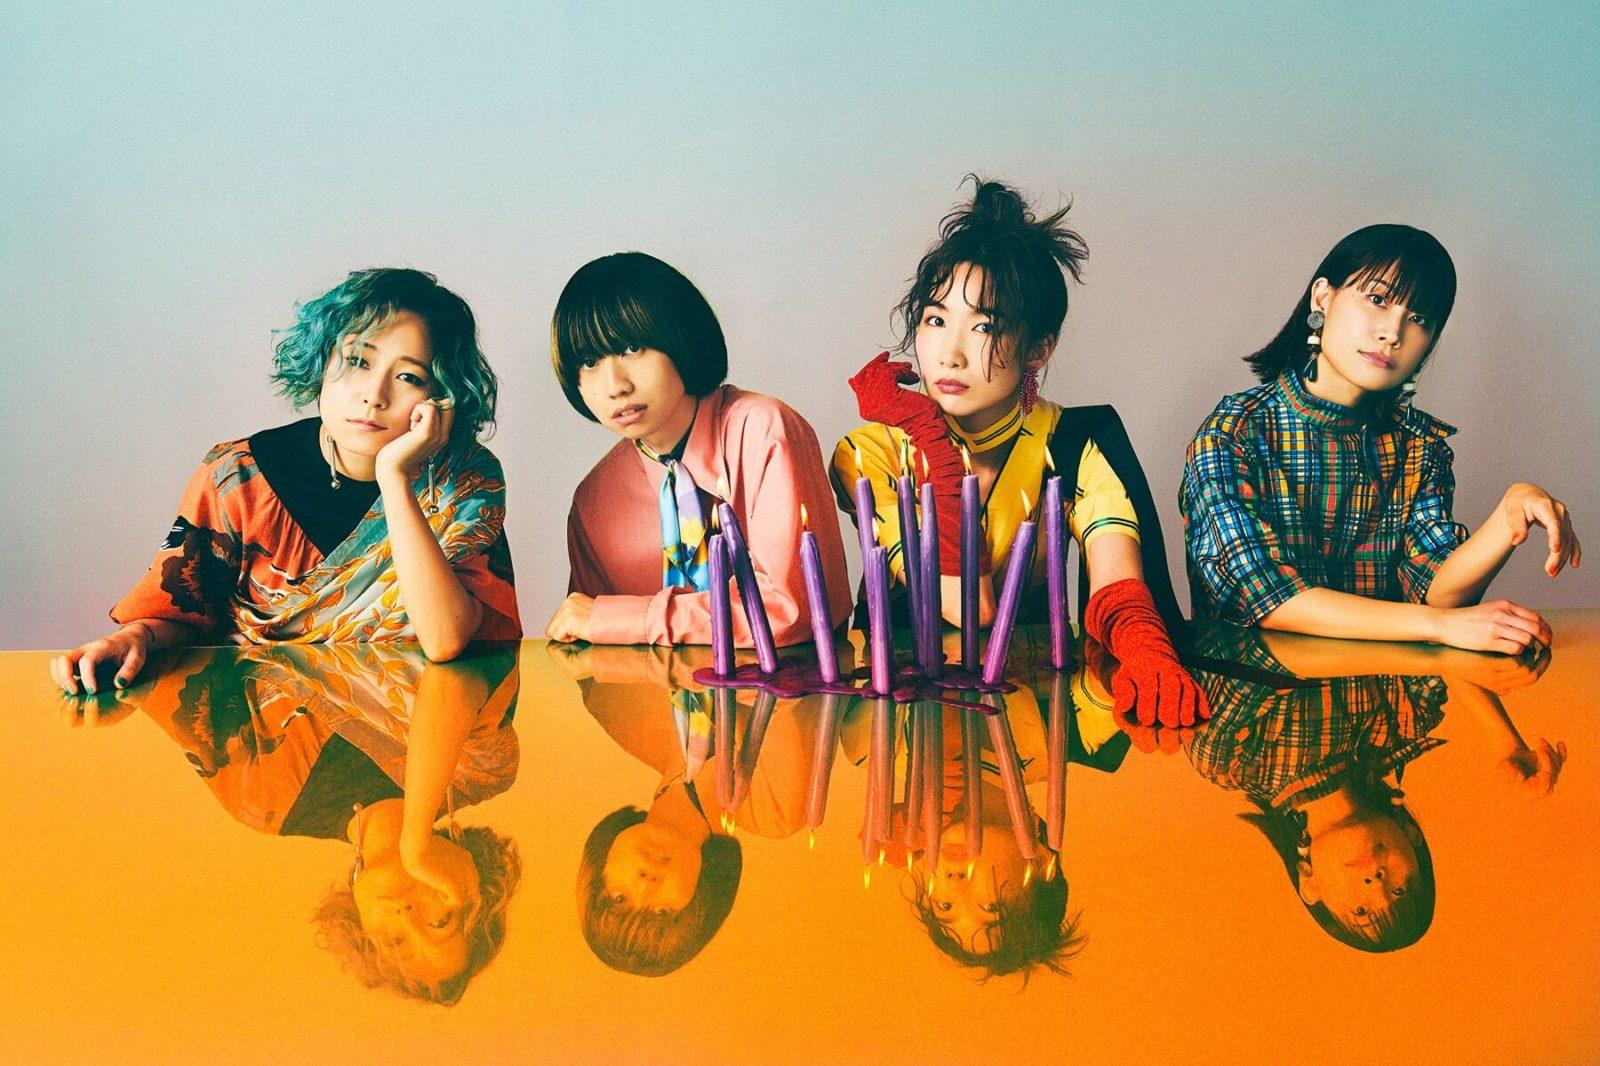 tricotの対バン企画「爆祭2020(-Vol.13-)」大阪編のゲスト出演者がACIDMAN、アルカラに決定サムネイル画像